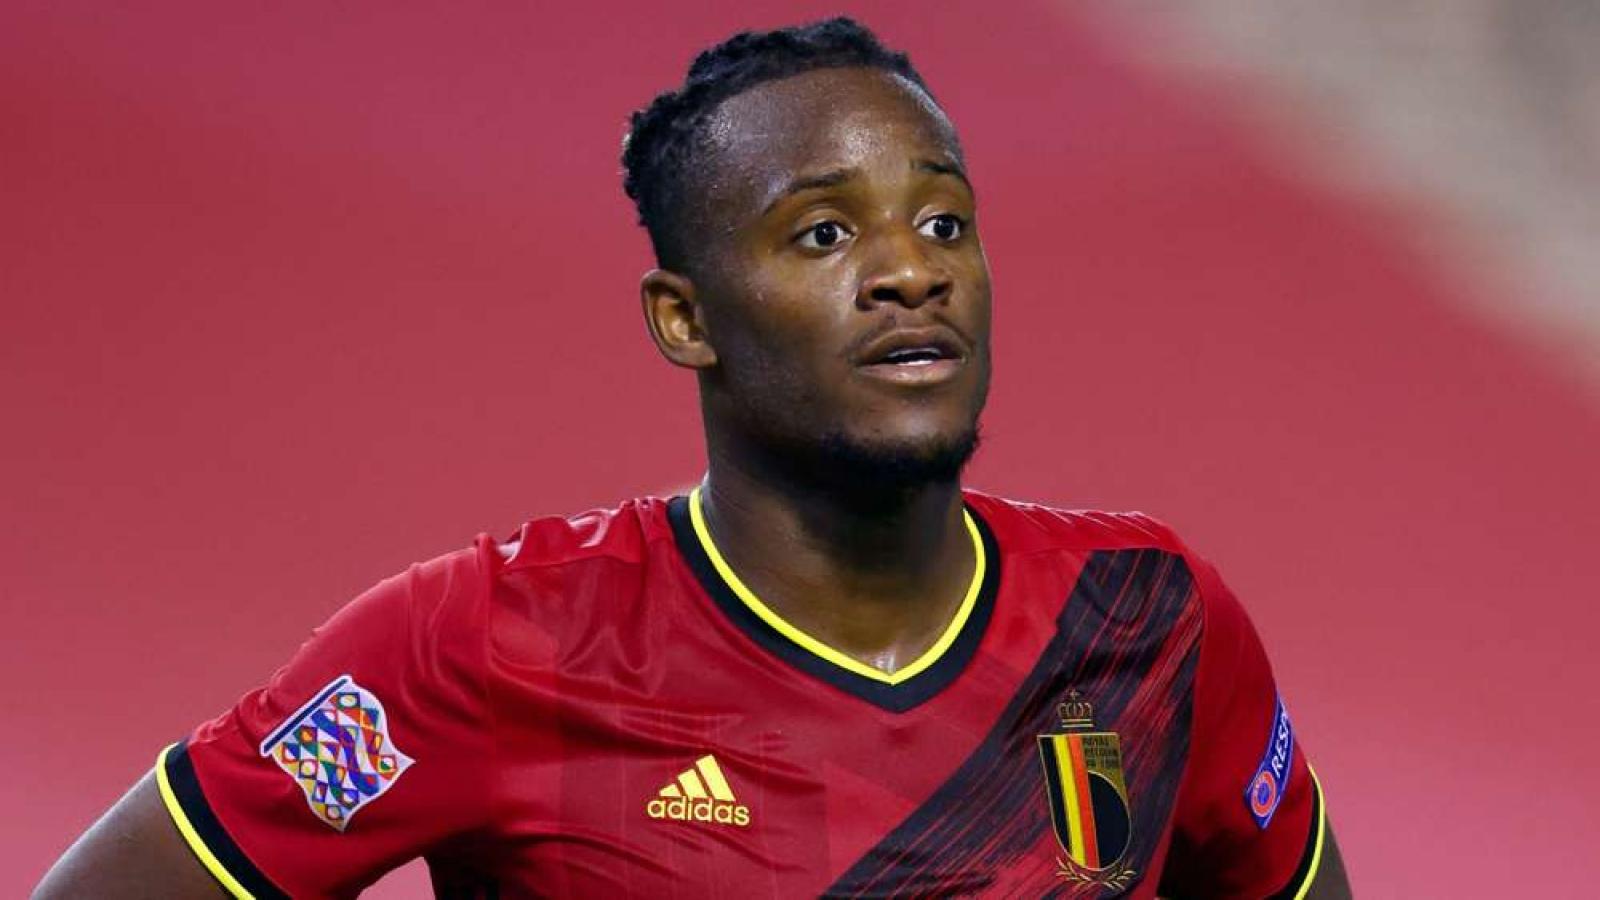 Cựu sao Chelsea lên tiếng, ĐT Bỉ nhọc nhằn đánh bại Thụy Sĩ